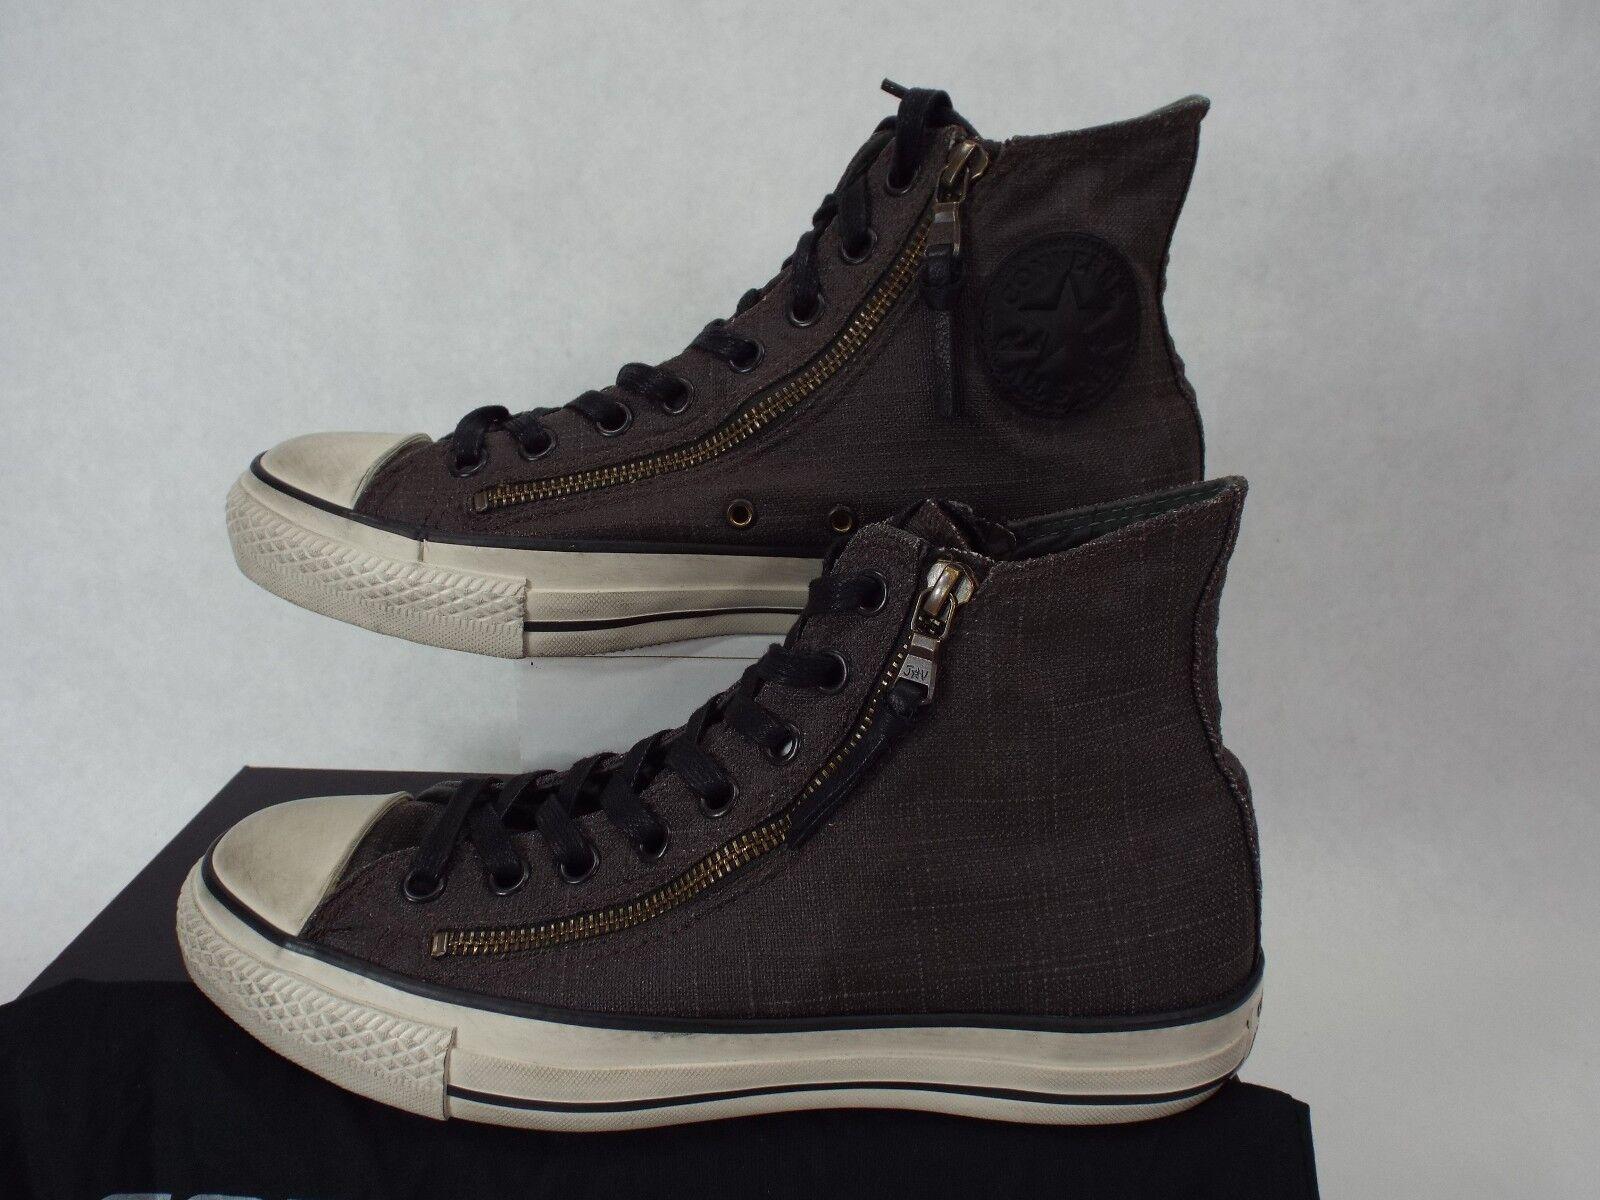 Homme 8.5 CONVERSE John Varvatos CT HI Double Zip Dark Olive Chaussures 2018 150167C